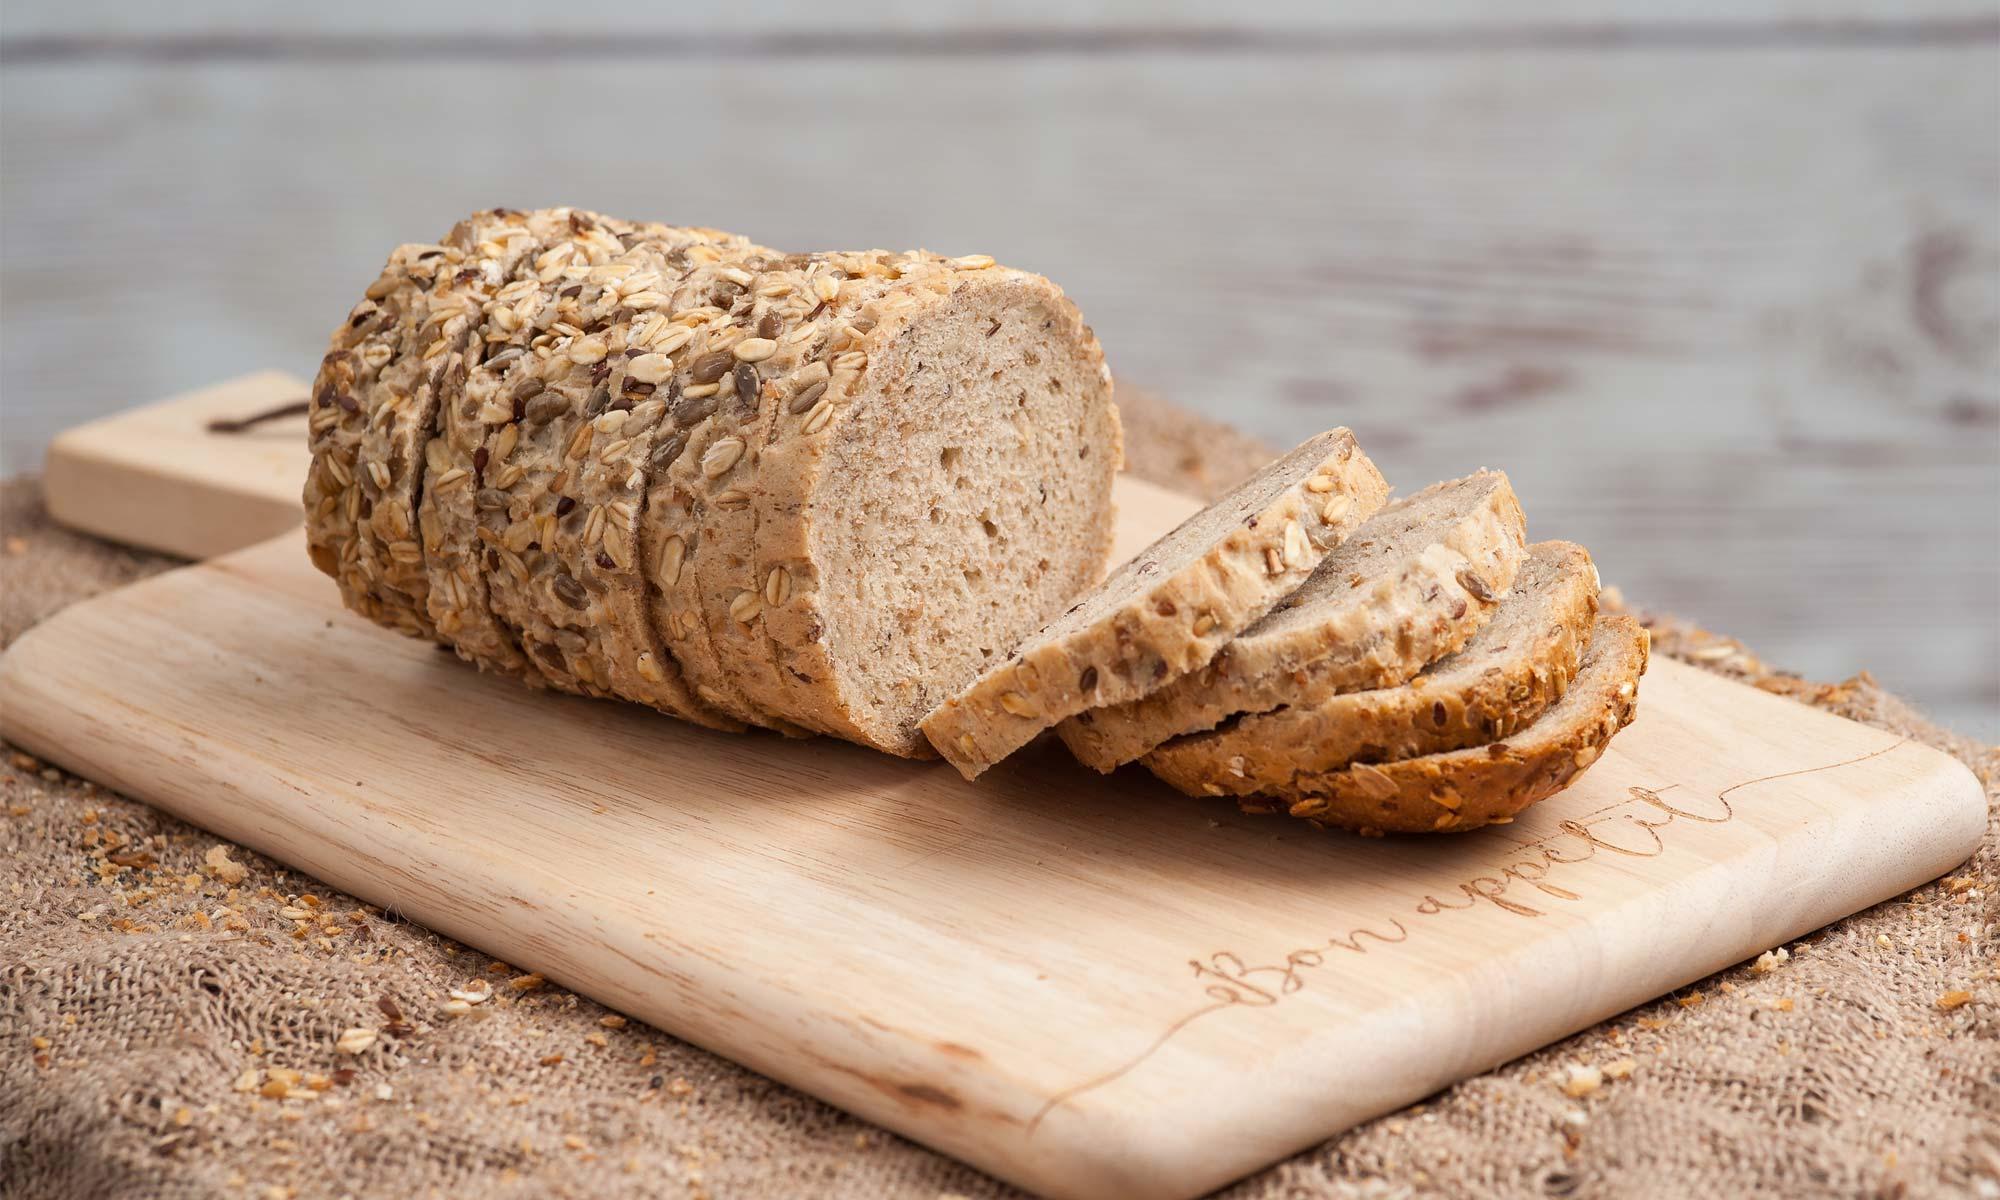 Kolodziej-bread-catalogue